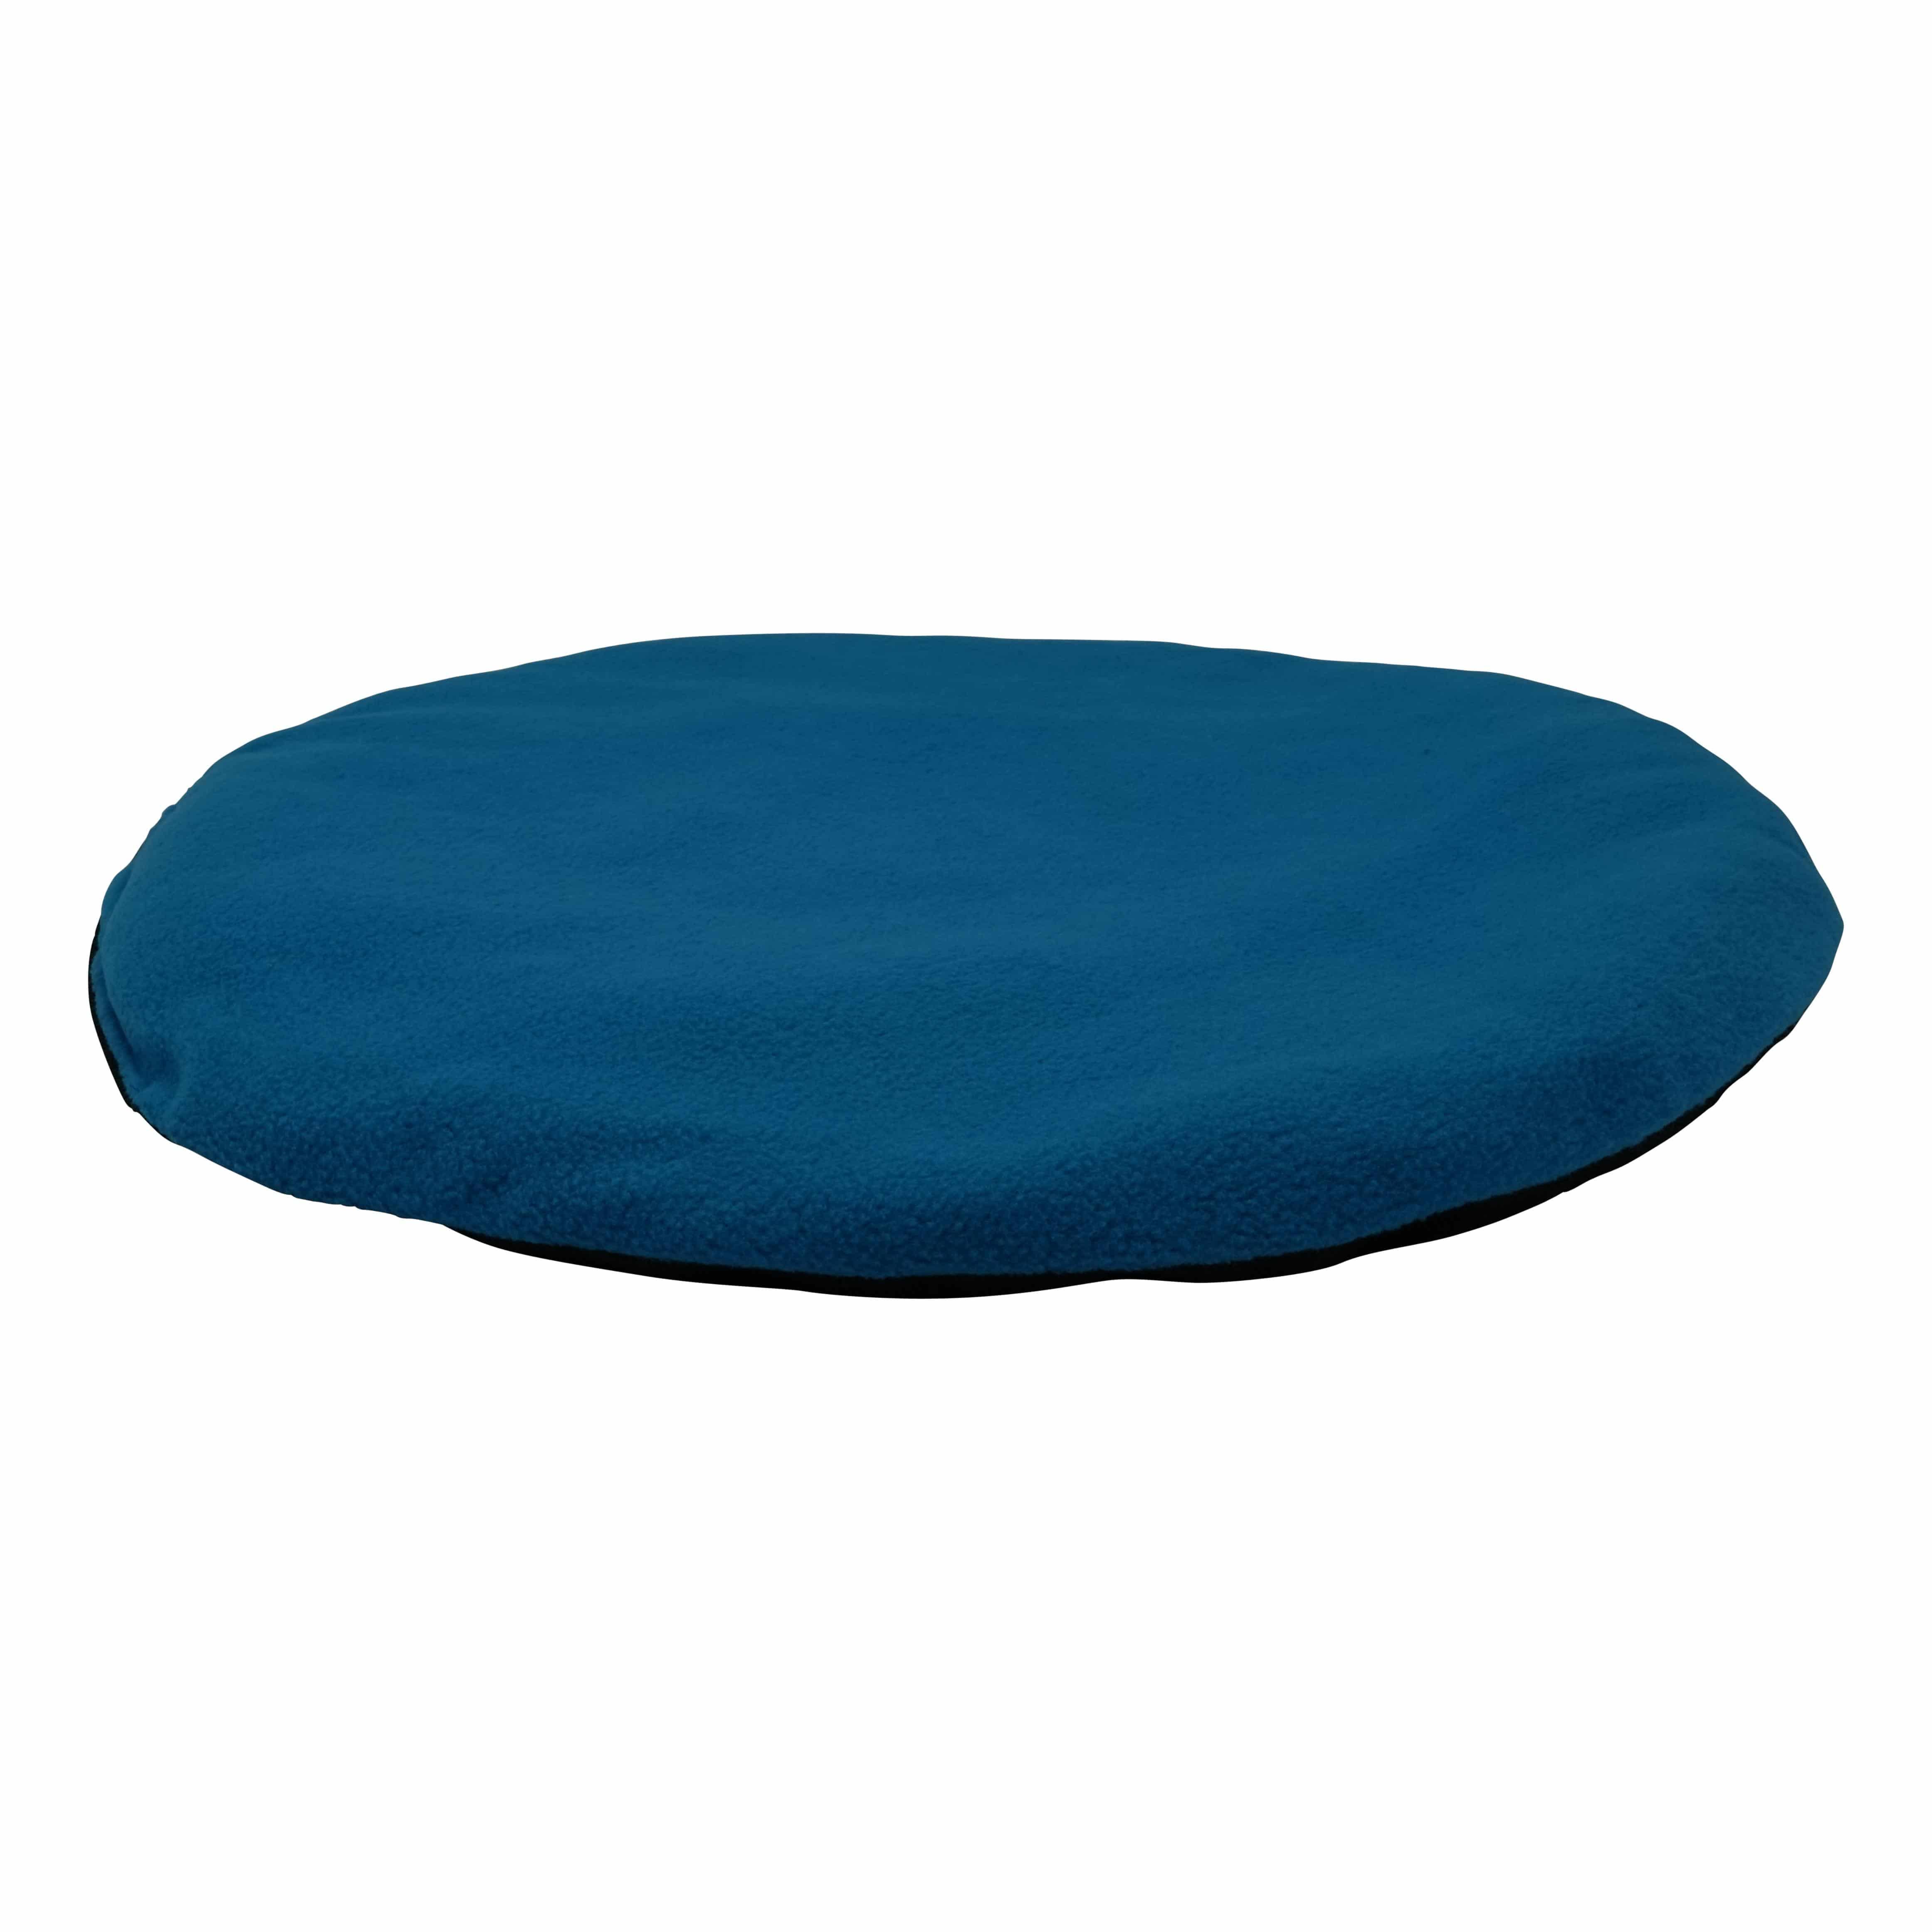 4animalz grote vilten kattenmand in Creme - 52x45x33cm - blauw/beige